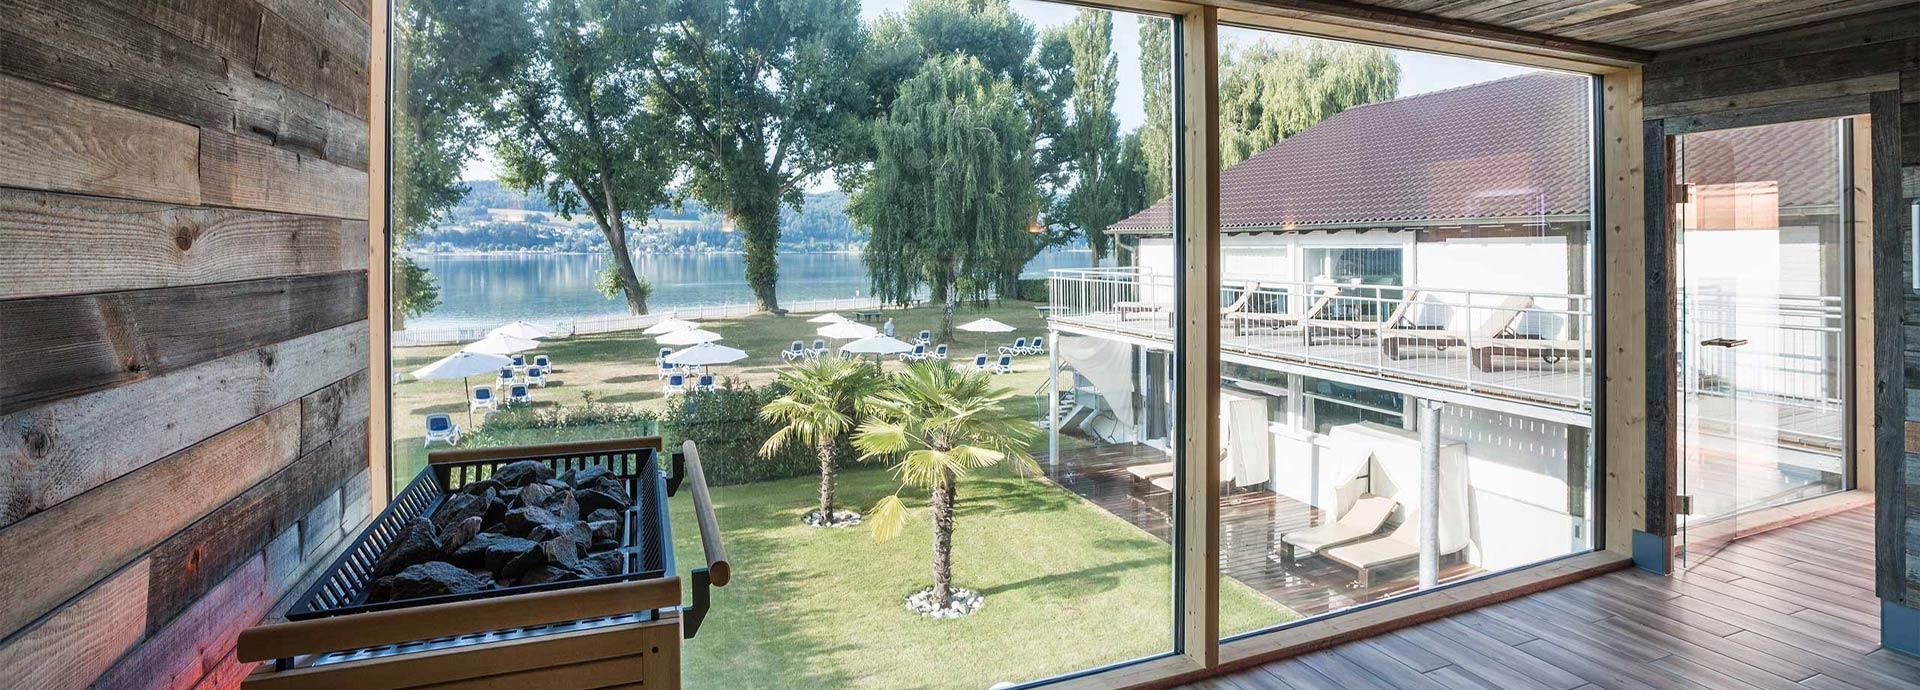 Wellness erleben im Kellhof Hotel-Garni | Günstige Unterkunft am Bodensee